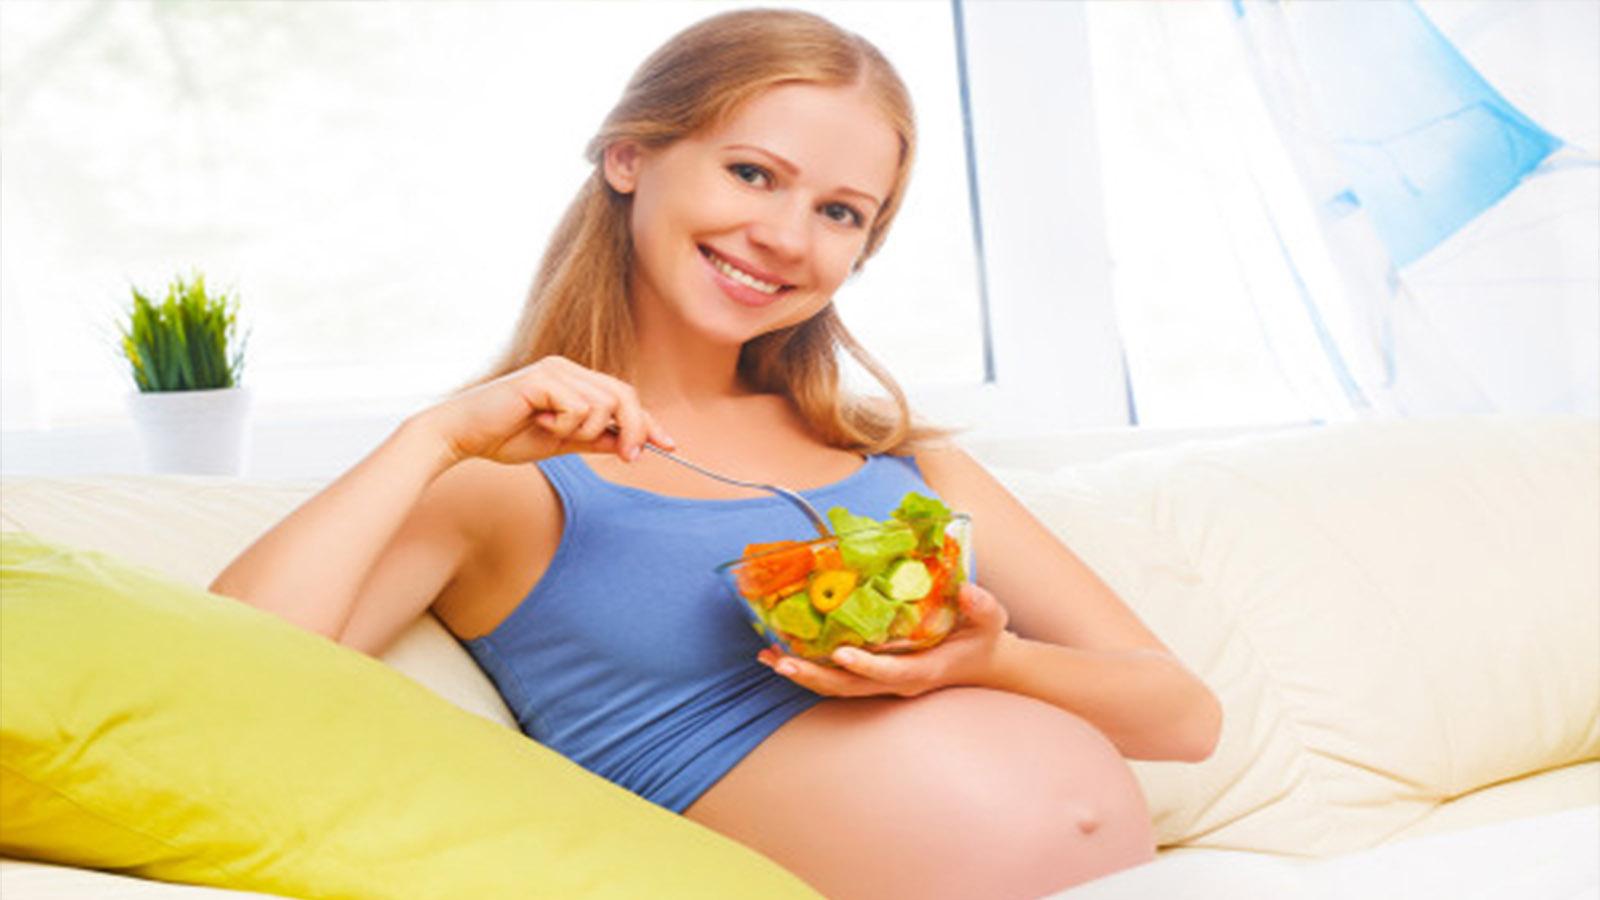 妊娠中ってダイエットしてもいいの?~妊娠中の体重管理の必要性と、太りすぎないためのコツを教えます!~